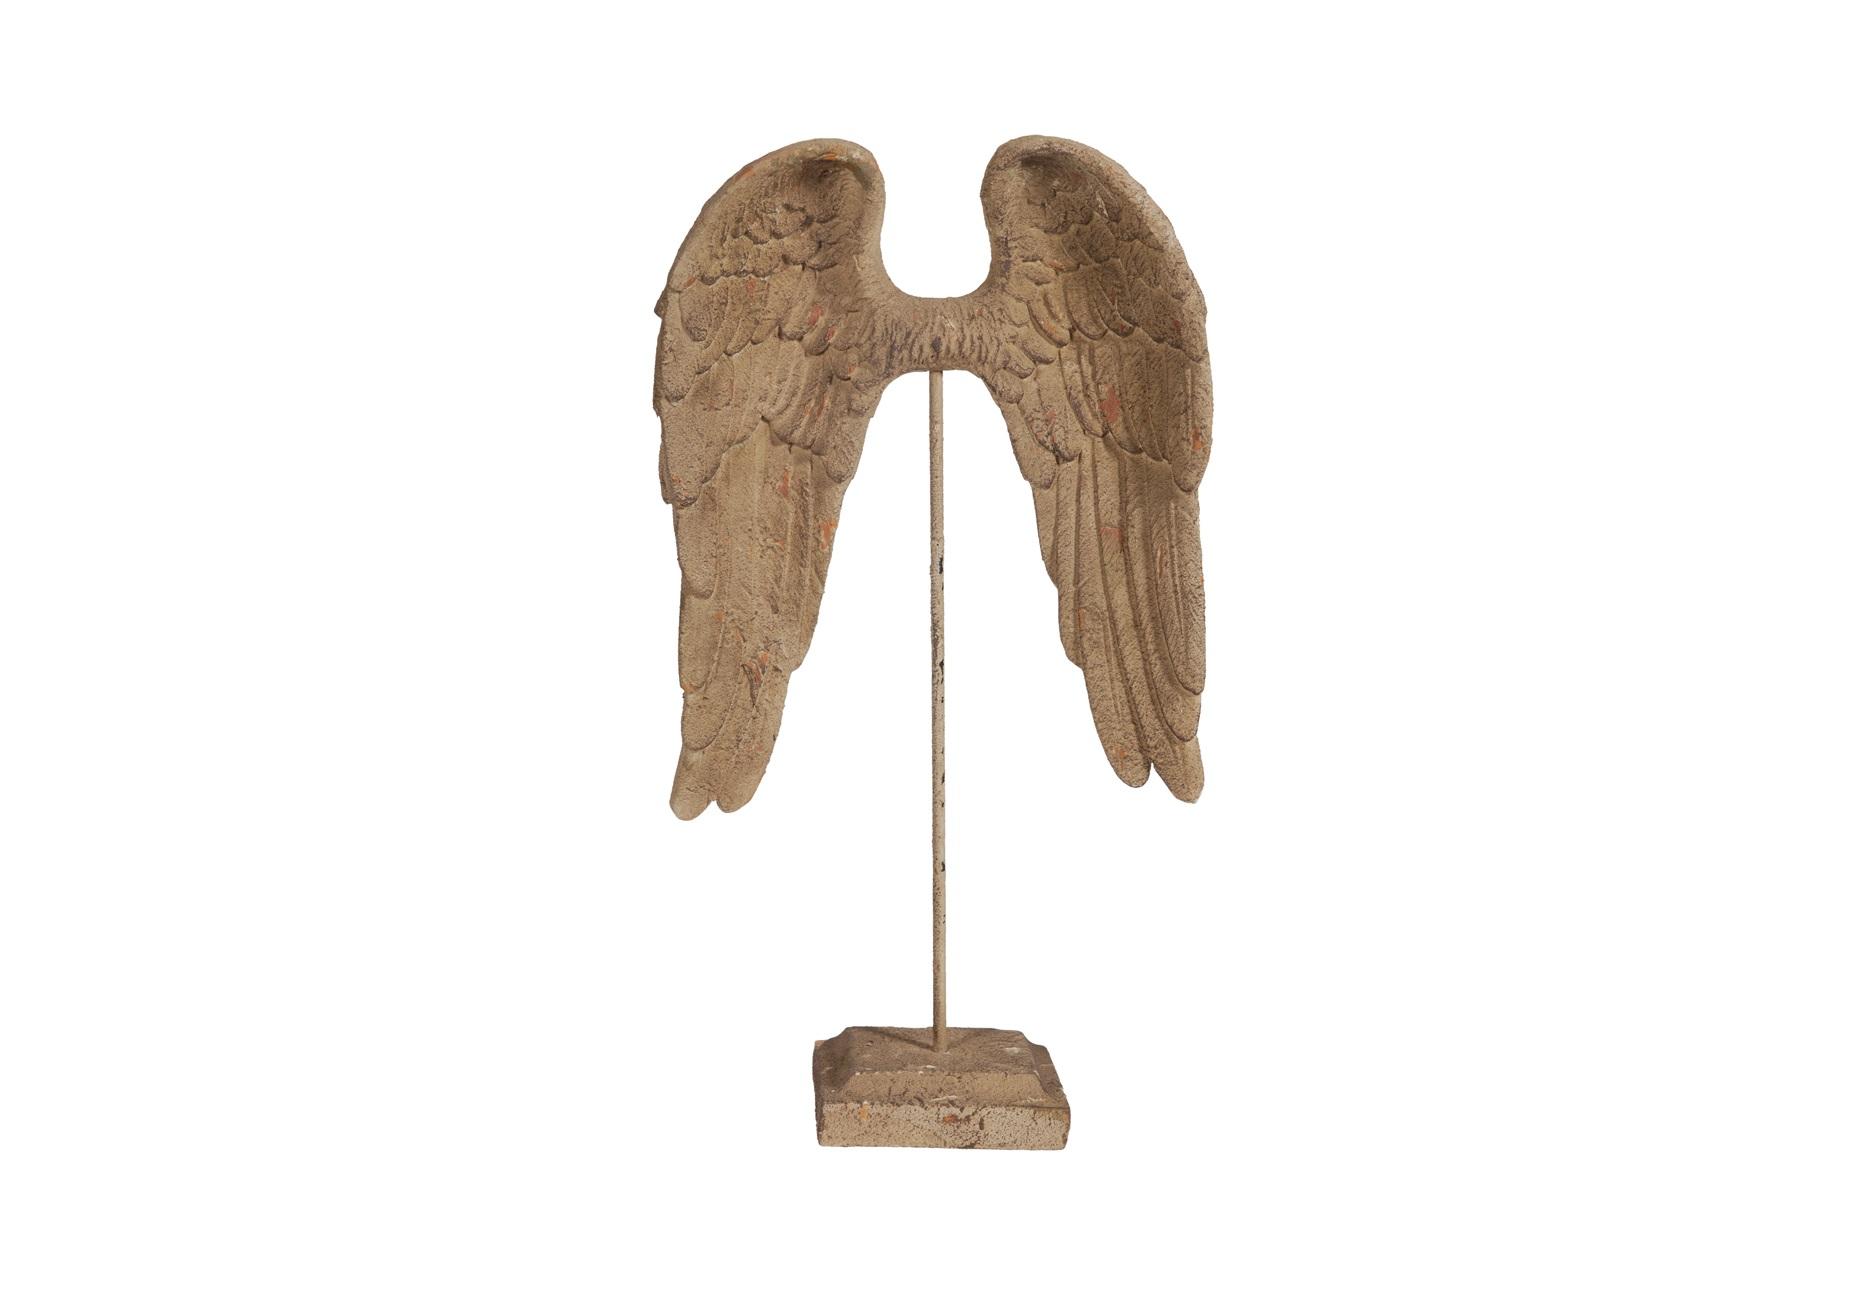 Элемент декора WingsДругое<br>Элемент декора Wings изготовлен из грубой керамики светло-коричневого цвета с искусственными потертостями. Подставка и сами крылья соединены железным штифтом и выполнены в том же стиле «прованс». Такой предмет декора украсит любое помещение, напоминающее уютный деревенский домик солнечного юга Франции.<br><br>Material: Керамика<br>Length см: None<br>Width см: 34,5<br>Depth см: 15<br>Height см: 60